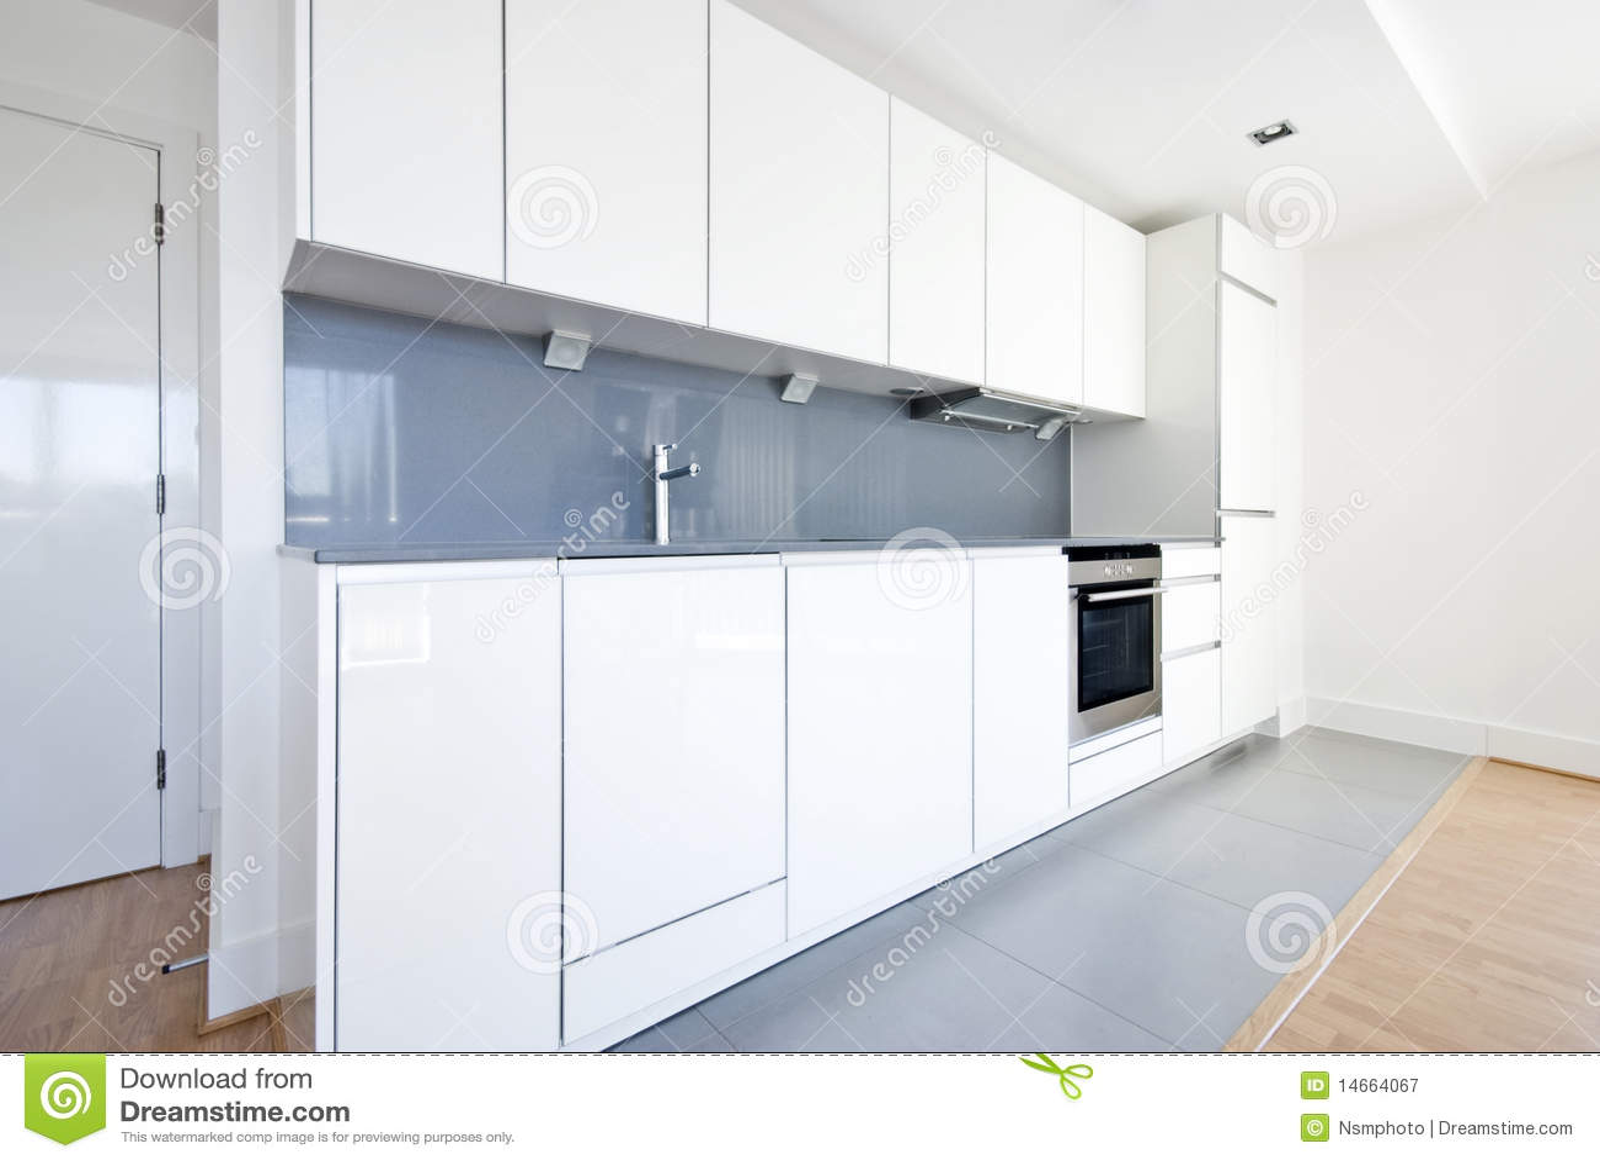 Moderne volledig gepaste keuken in wit en grijs royalty vrije stock fotografie beeld 14664067 - Gang wit en grijs ...